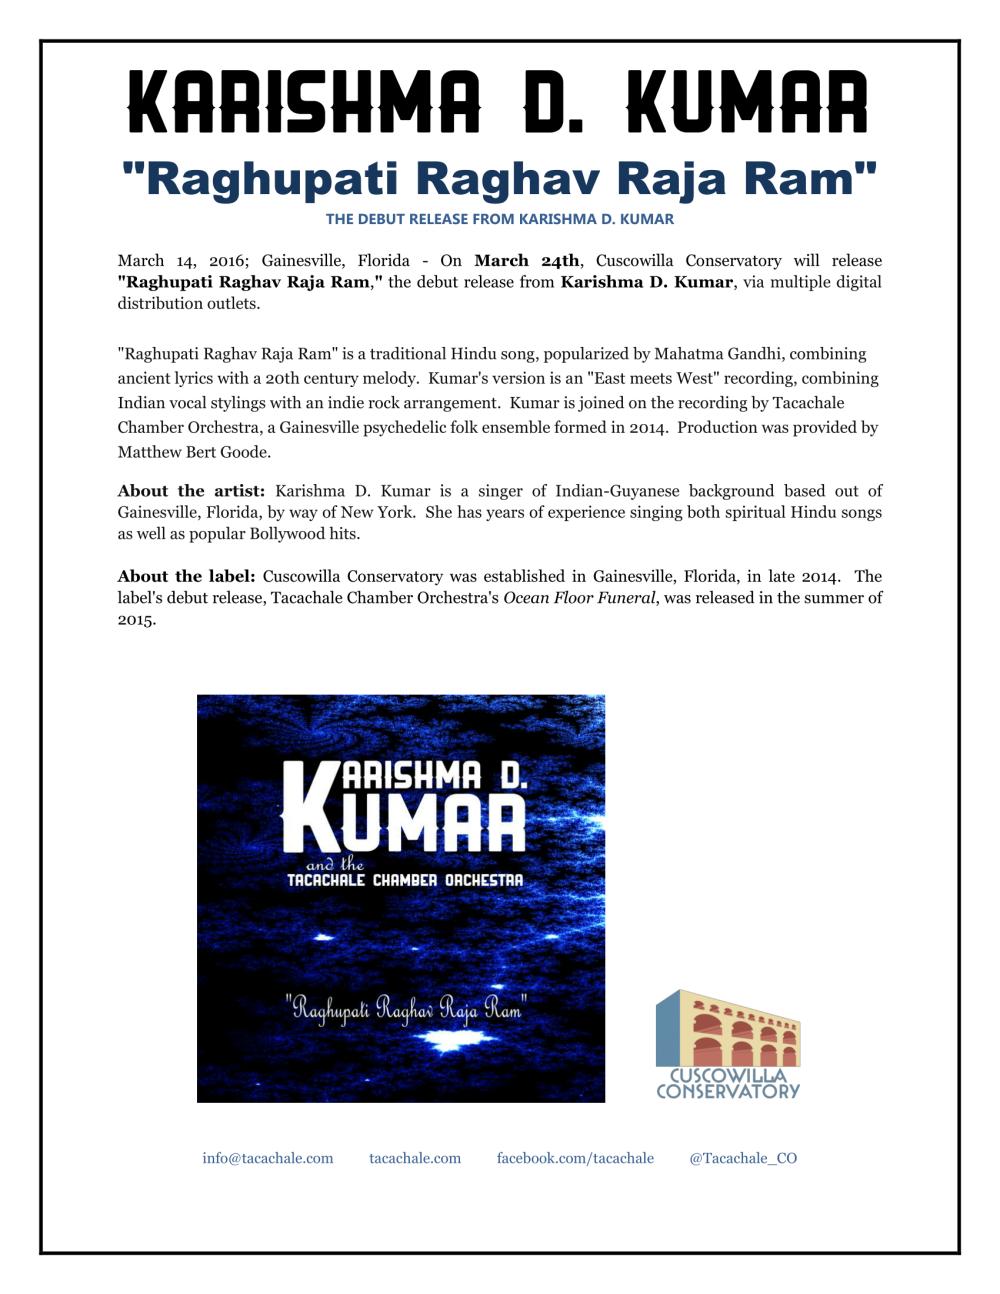 Raghupati Raghav Raja Ram release info-1